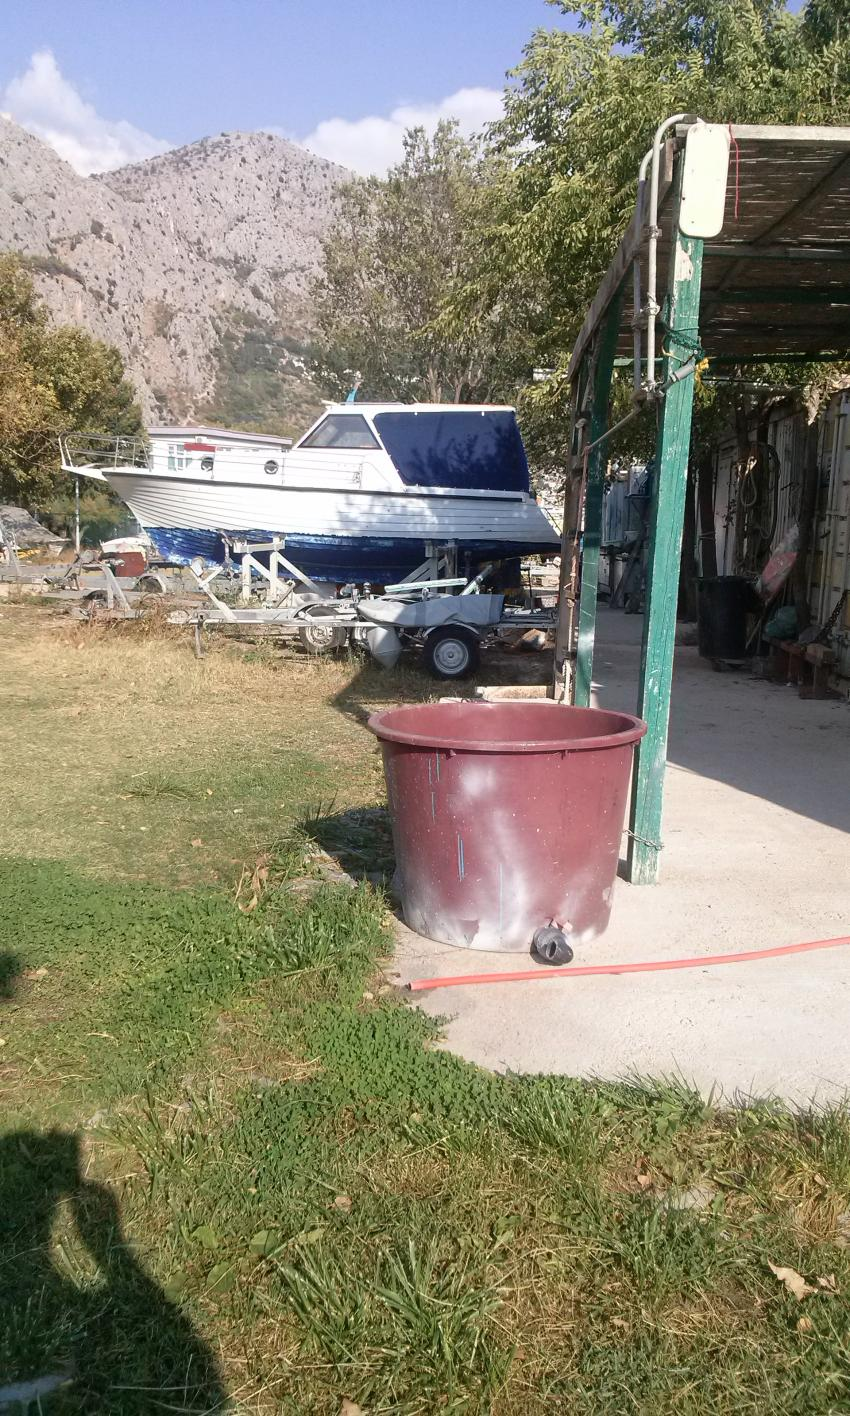 Calypso Scuba Diving Center, Omis, Kroatien, Kroatien